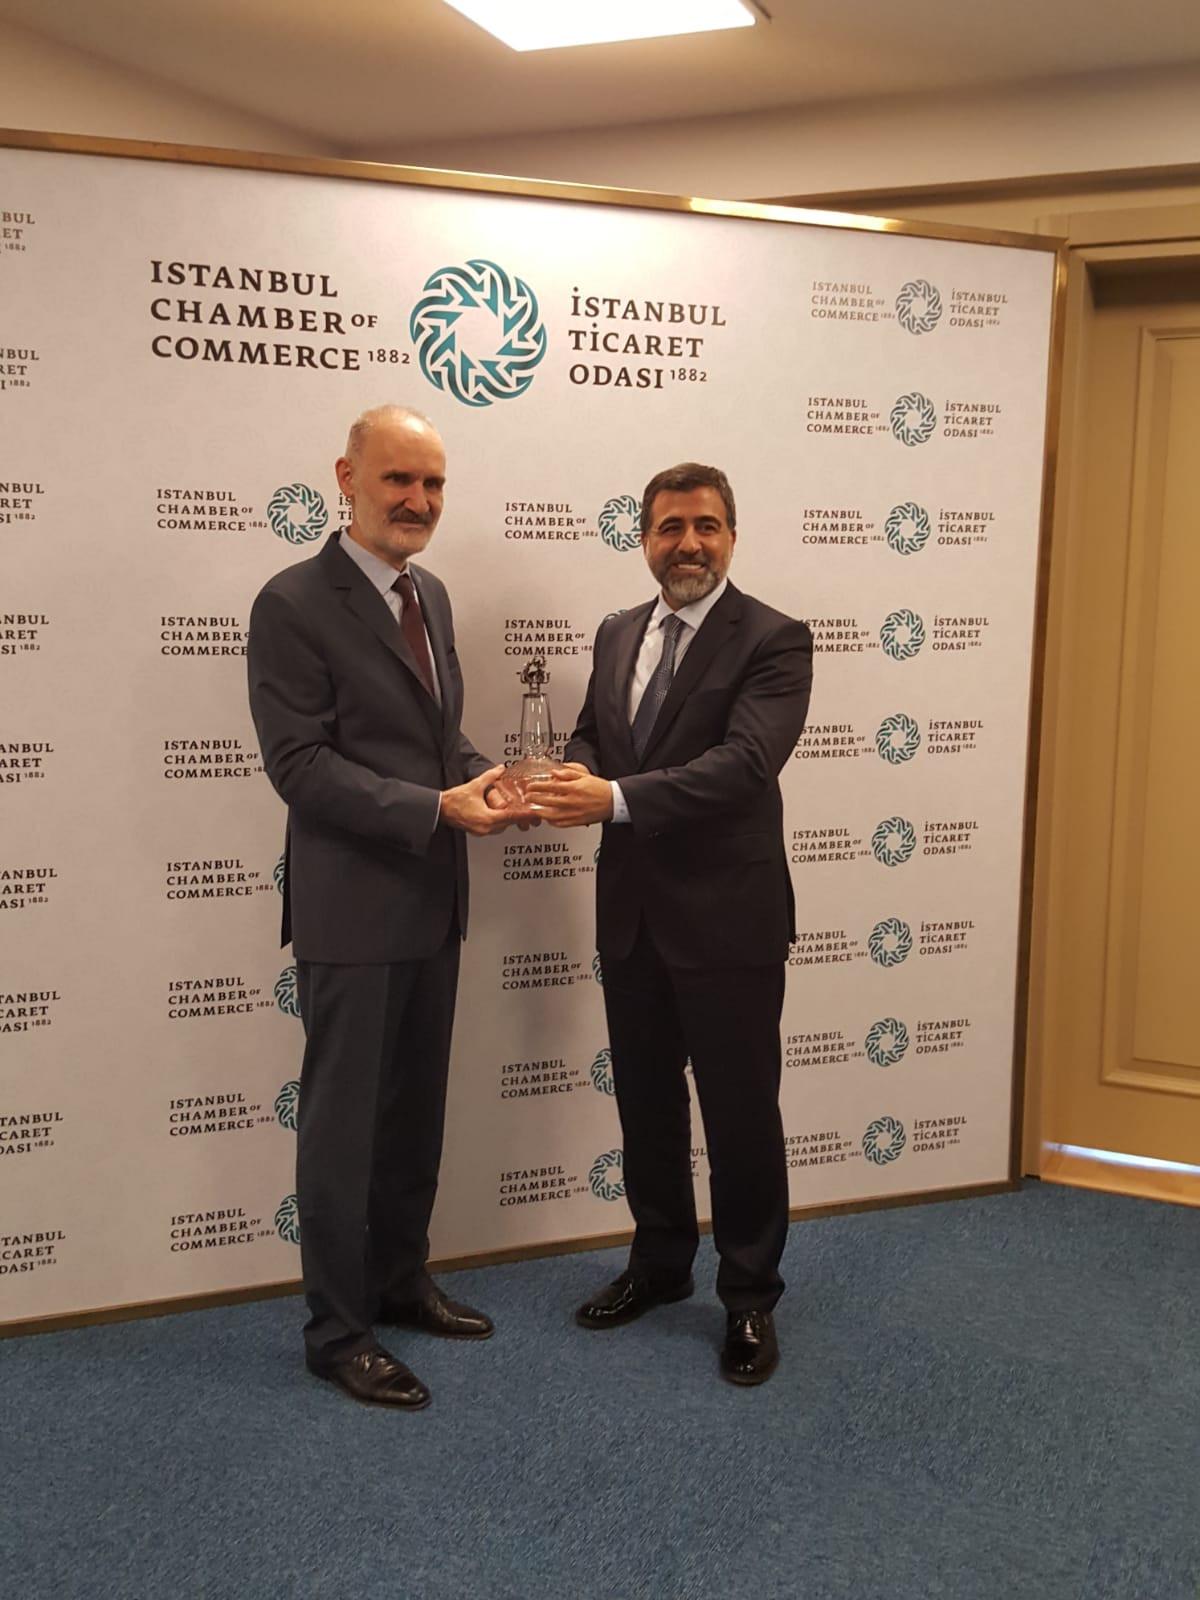 İstanbul Ticaret Odası Başkanı Sn. Şekib Avdagiç ile Görüşme